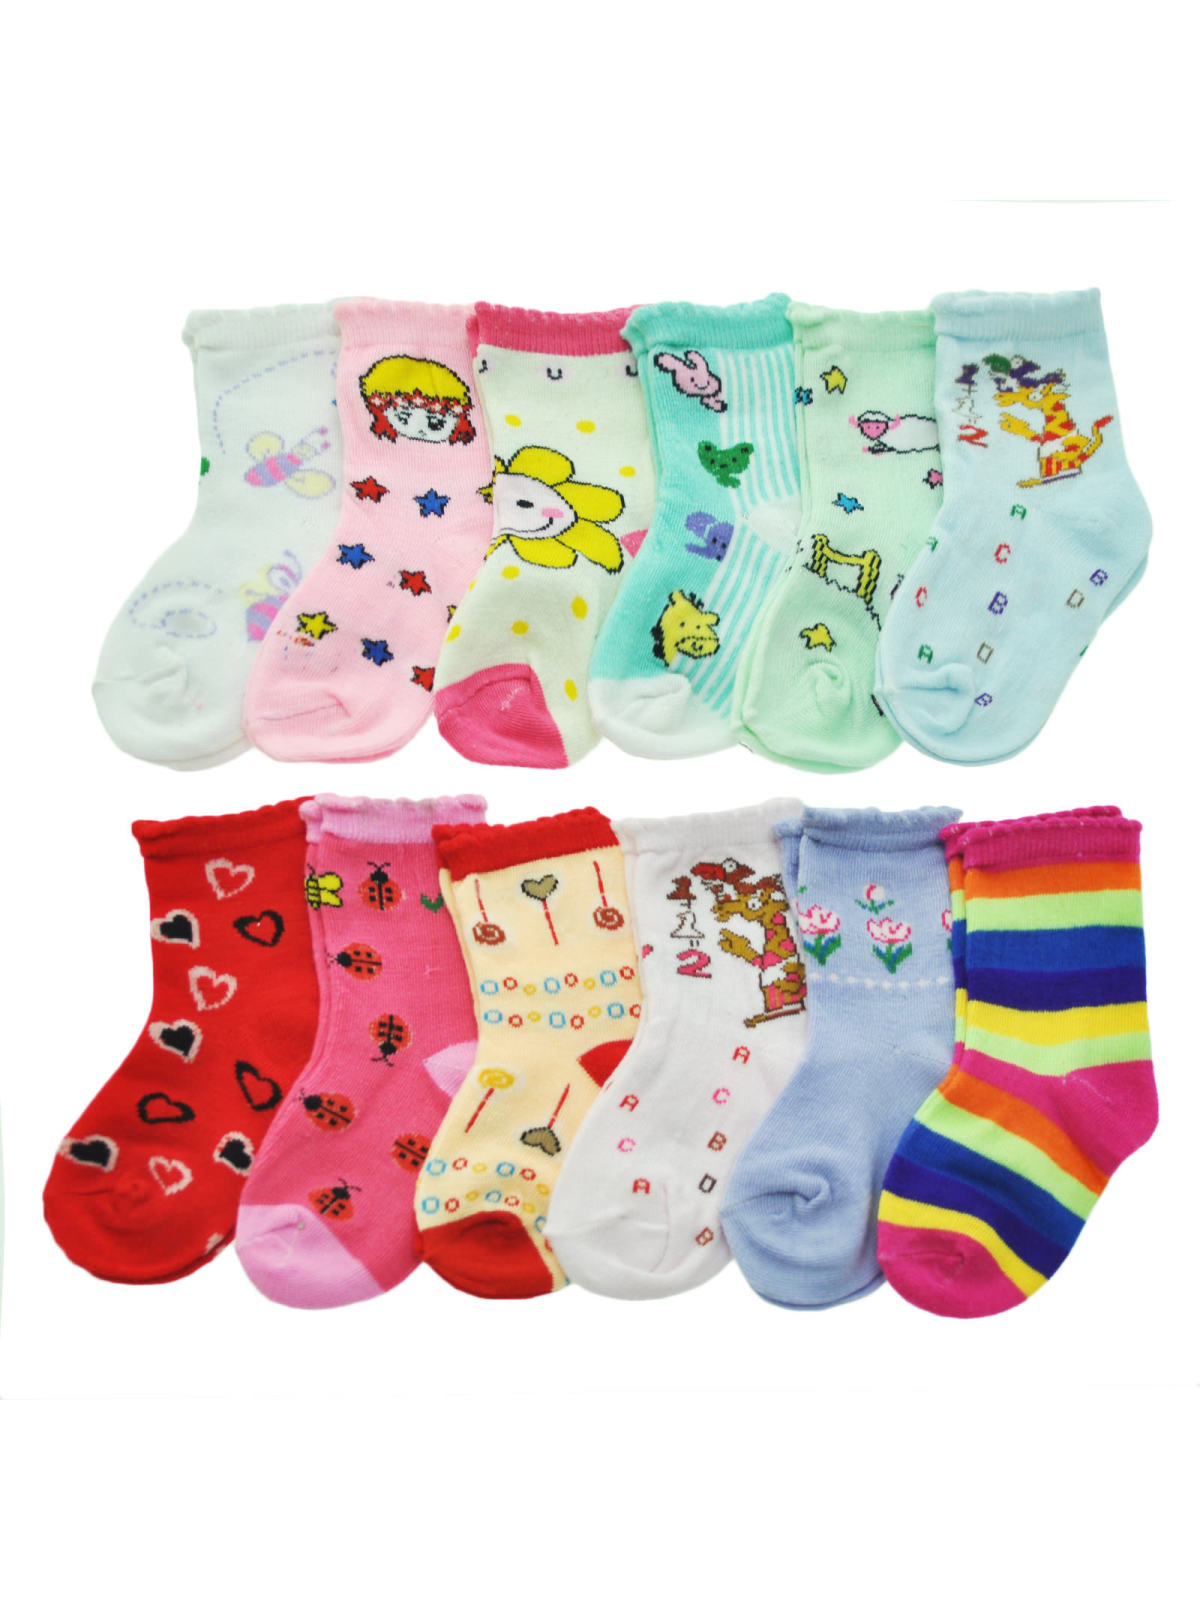 Angelina Kid's Novelty Crew Socks (12-Pairs)